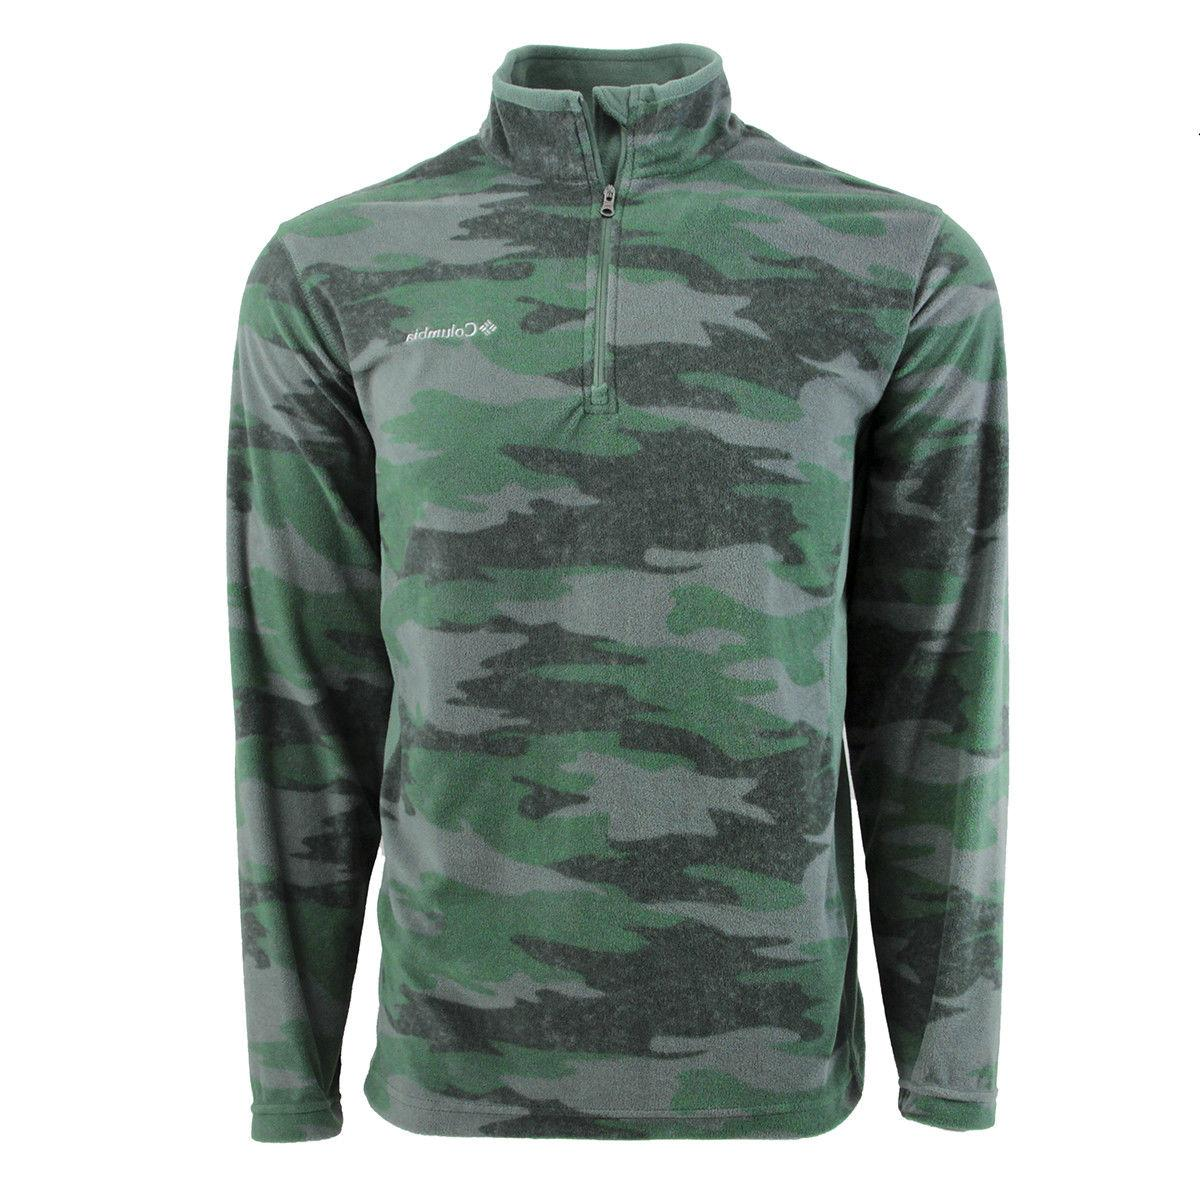 New Columbia Tech Pine Half Jacket Fleece Mountain II